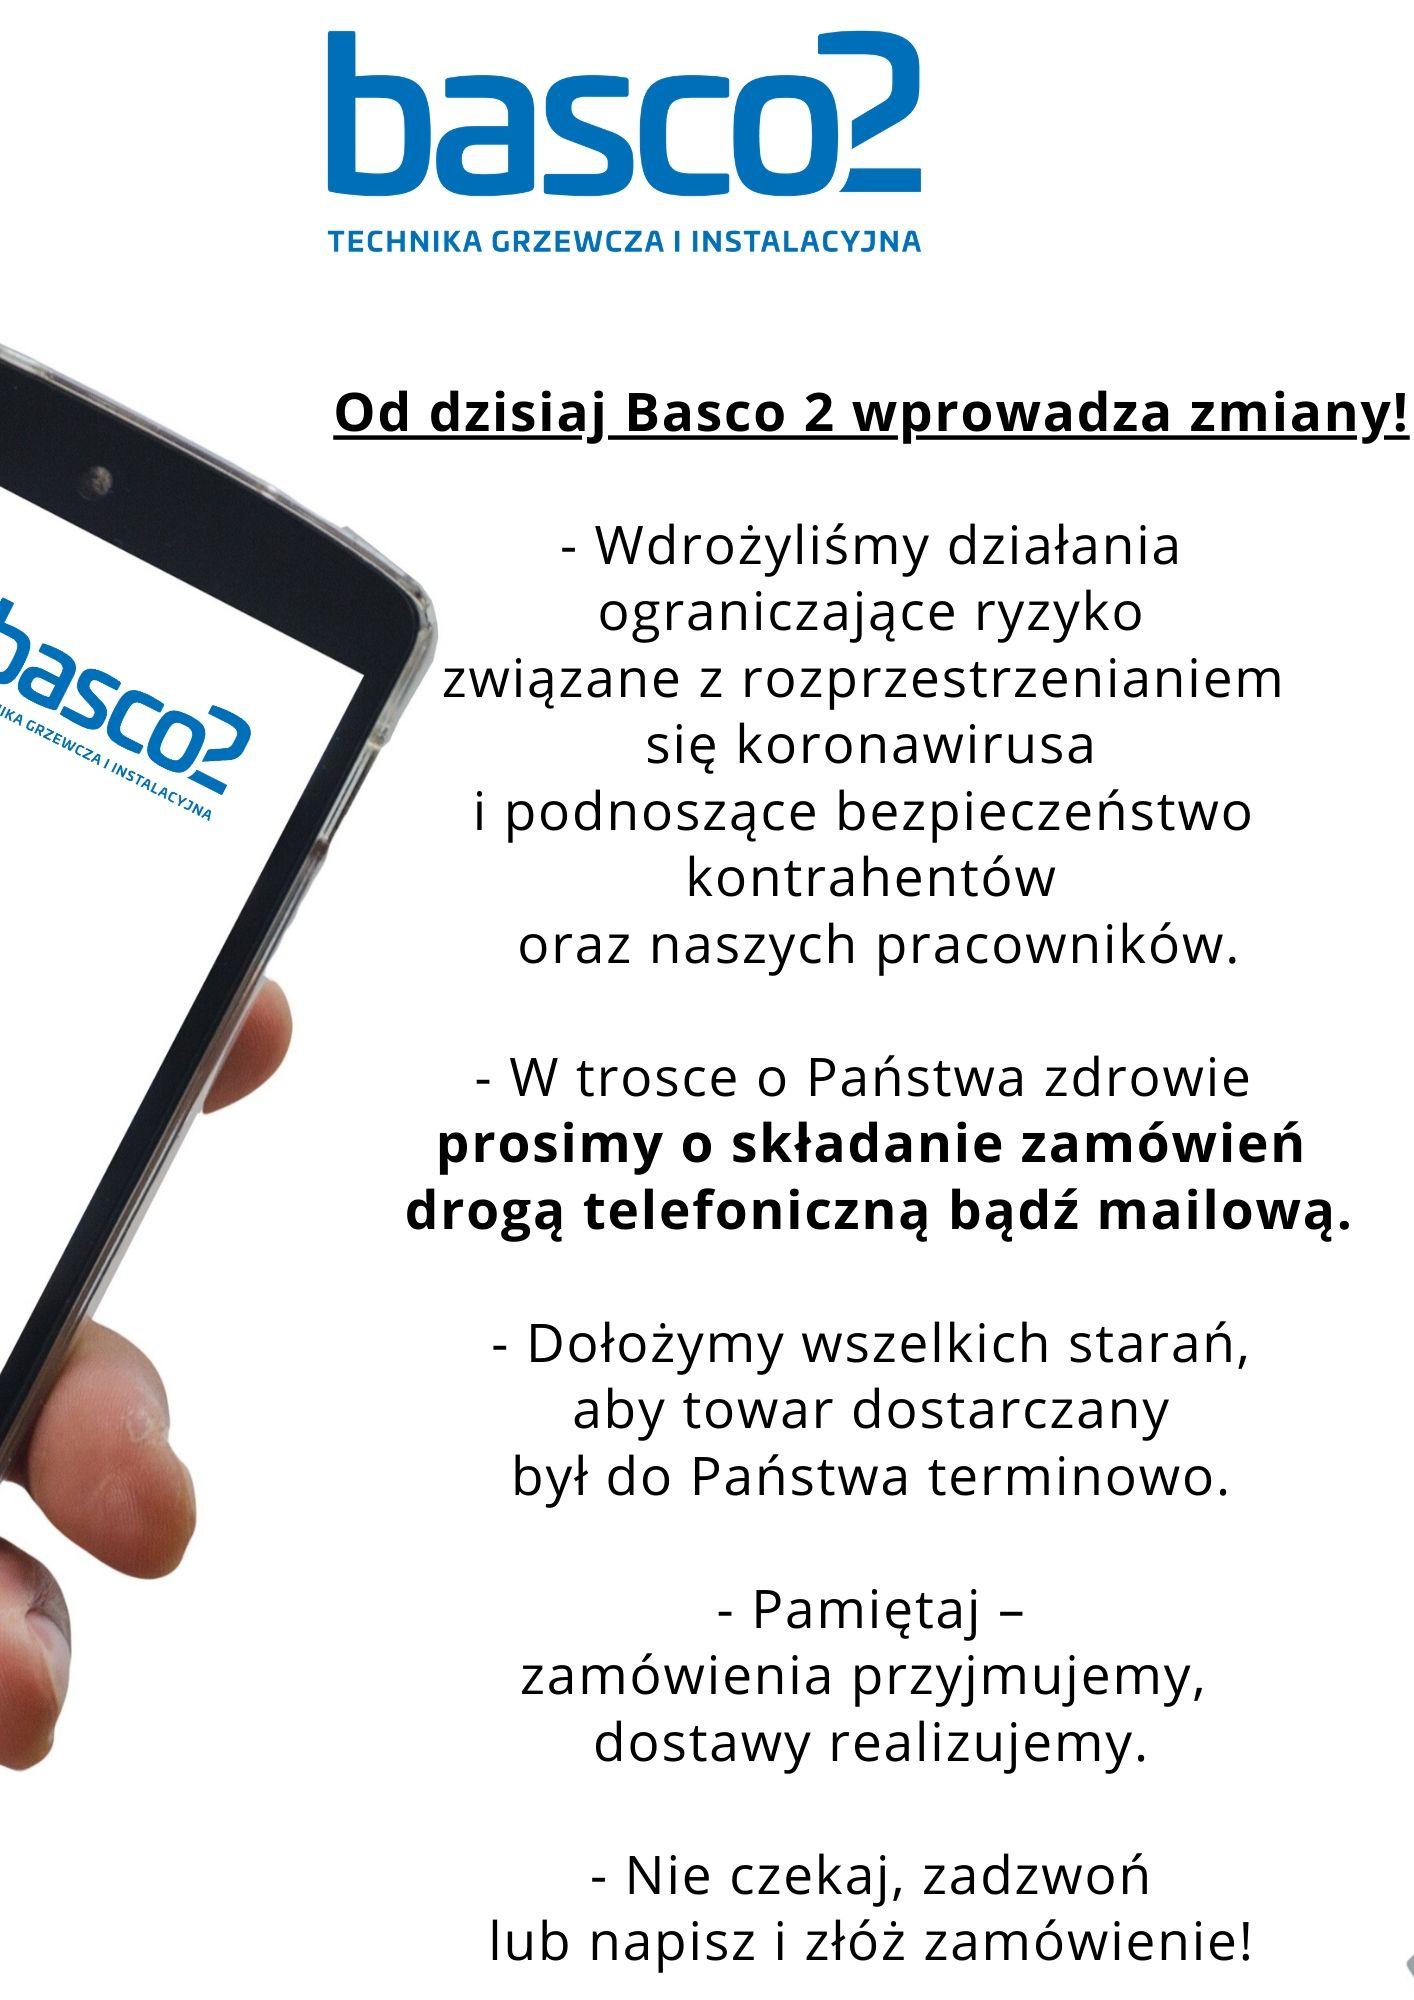 Basco 2 - zmiany